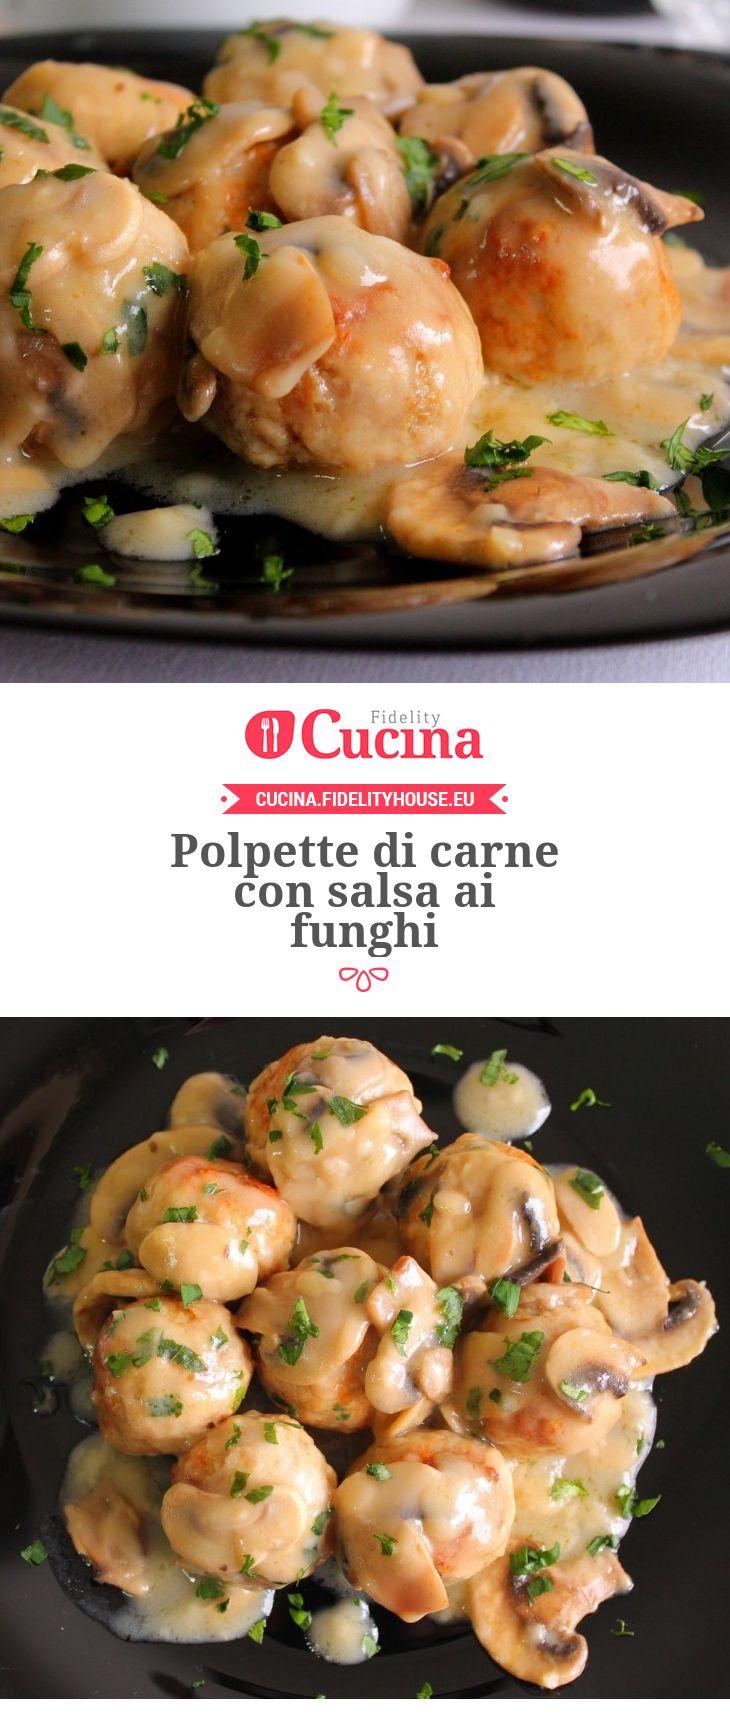 Polpette di carne con salsa ai funghi della nostra utente Giovanna. Unisciti alla nostra Community ed invia le tue ricette!